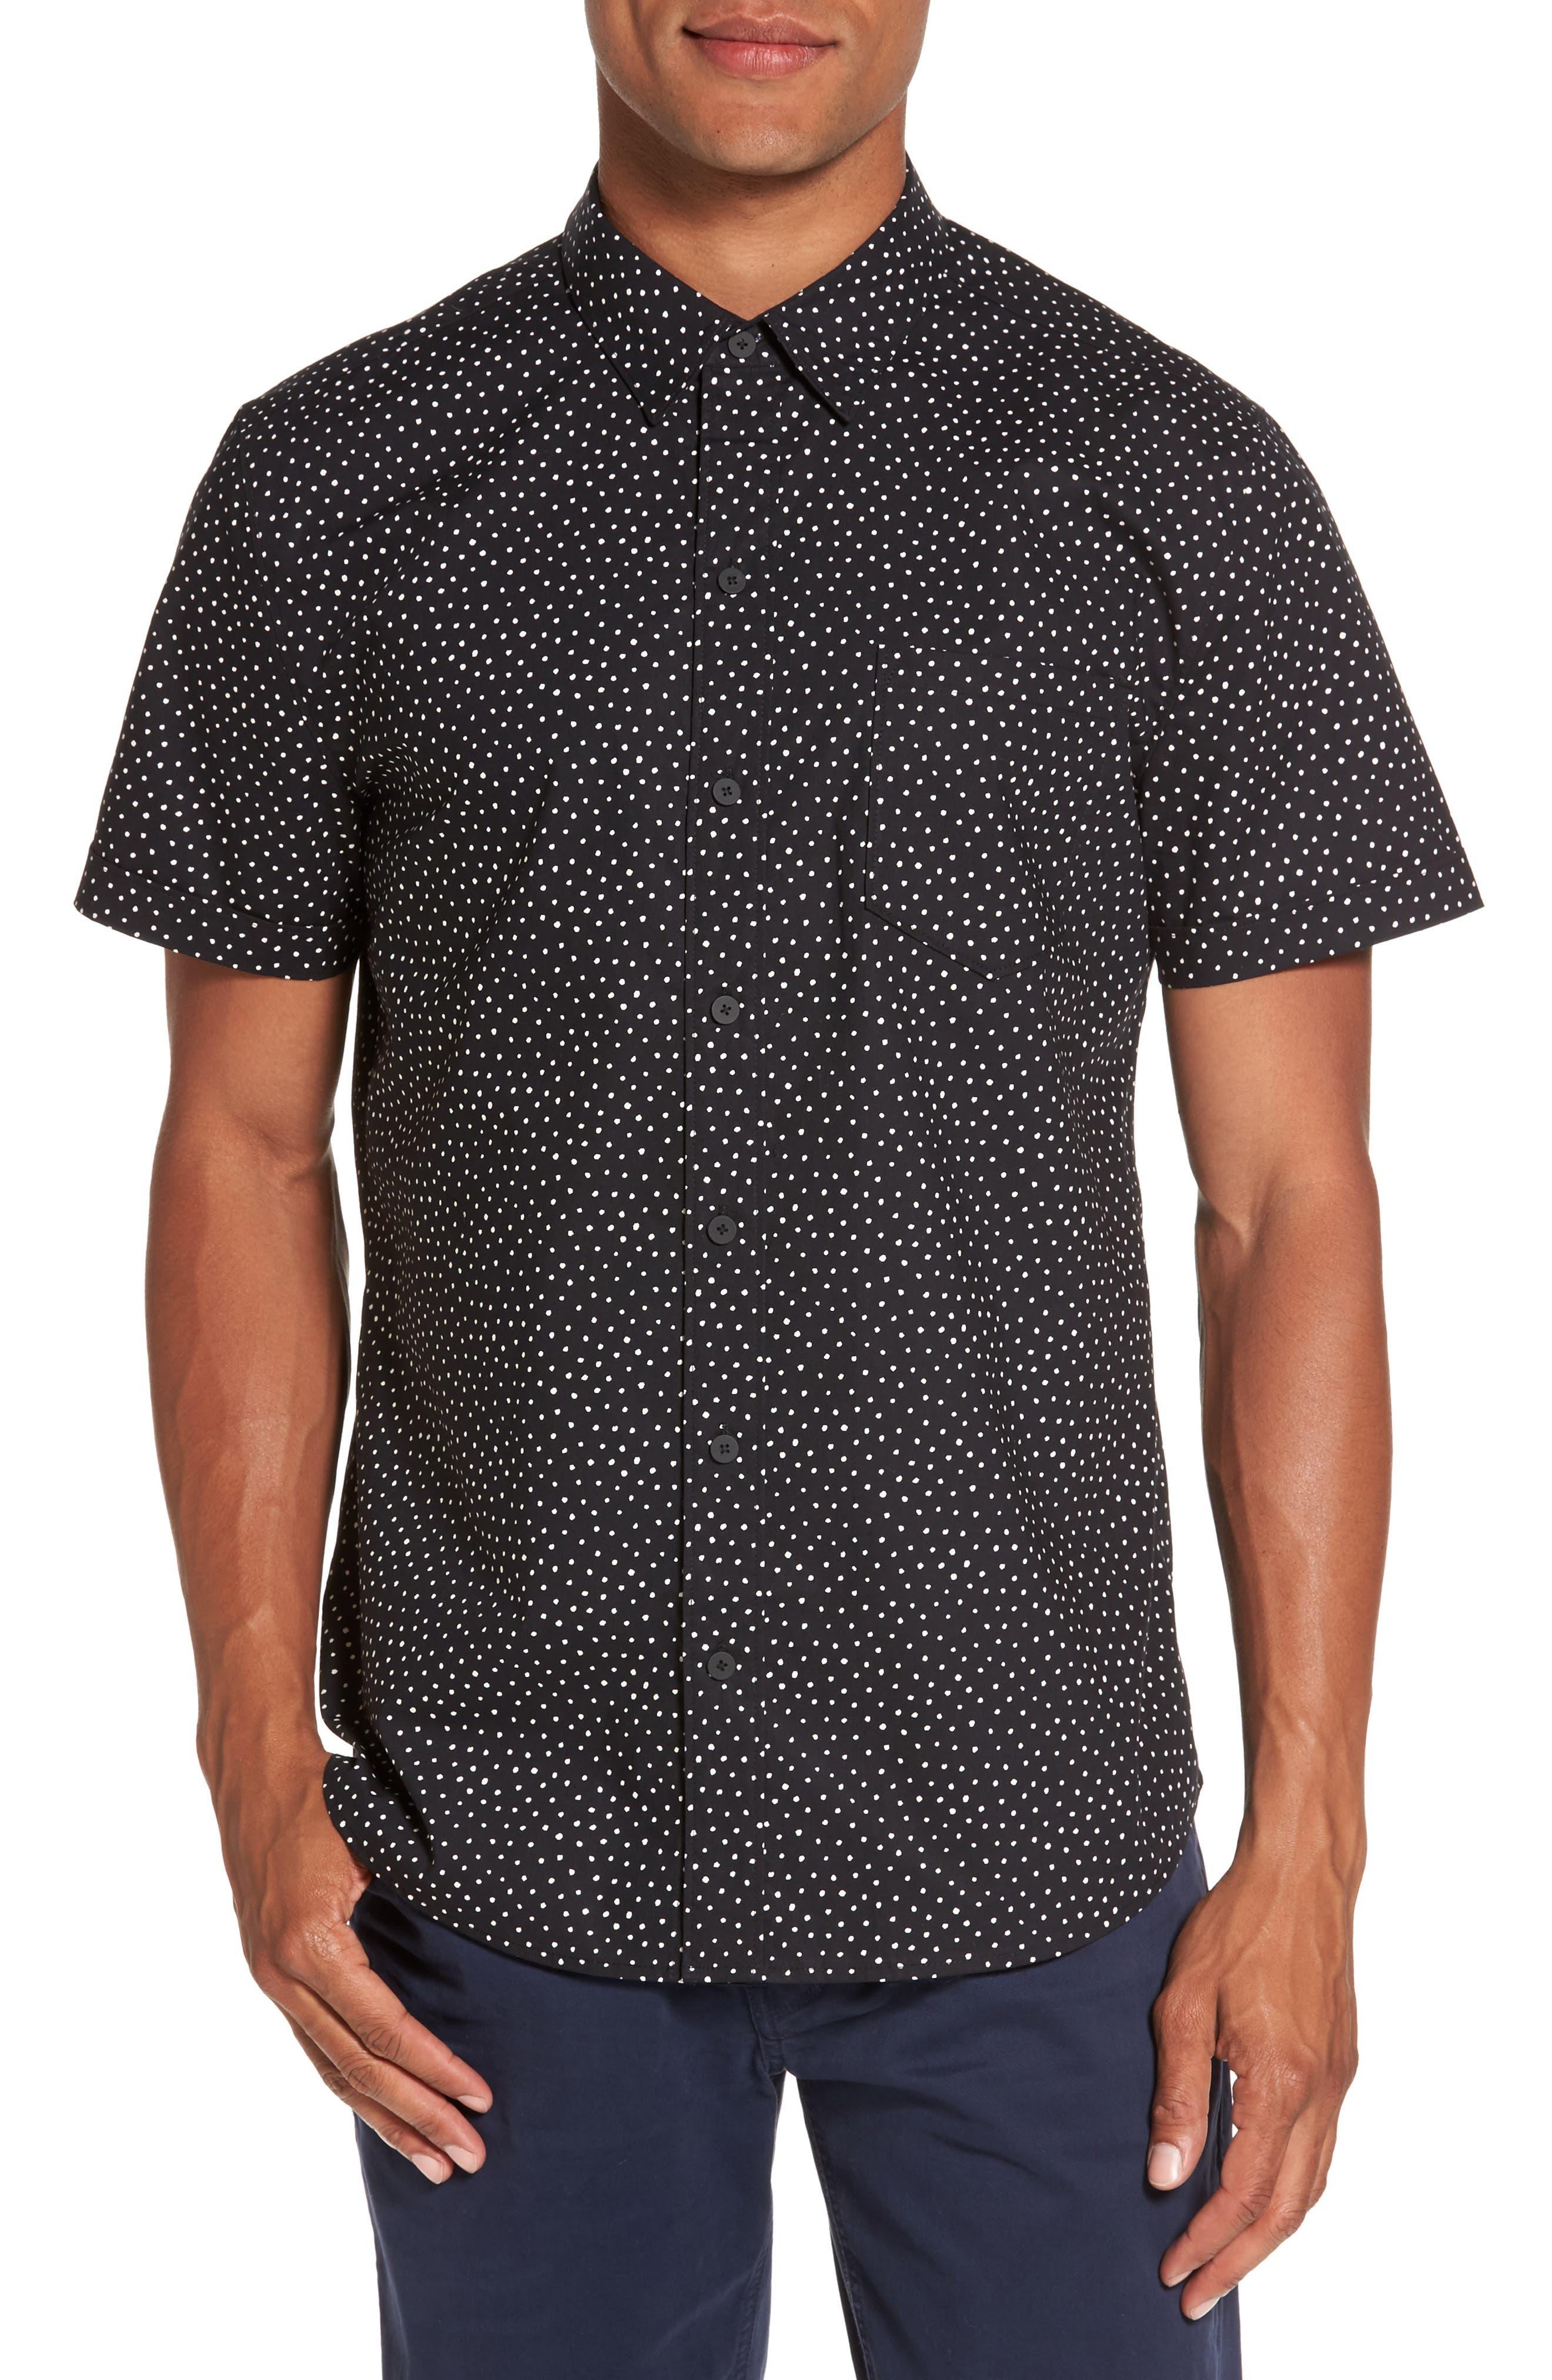 Becker Dot Print Woven Shirt,                         Main,                         color, 001